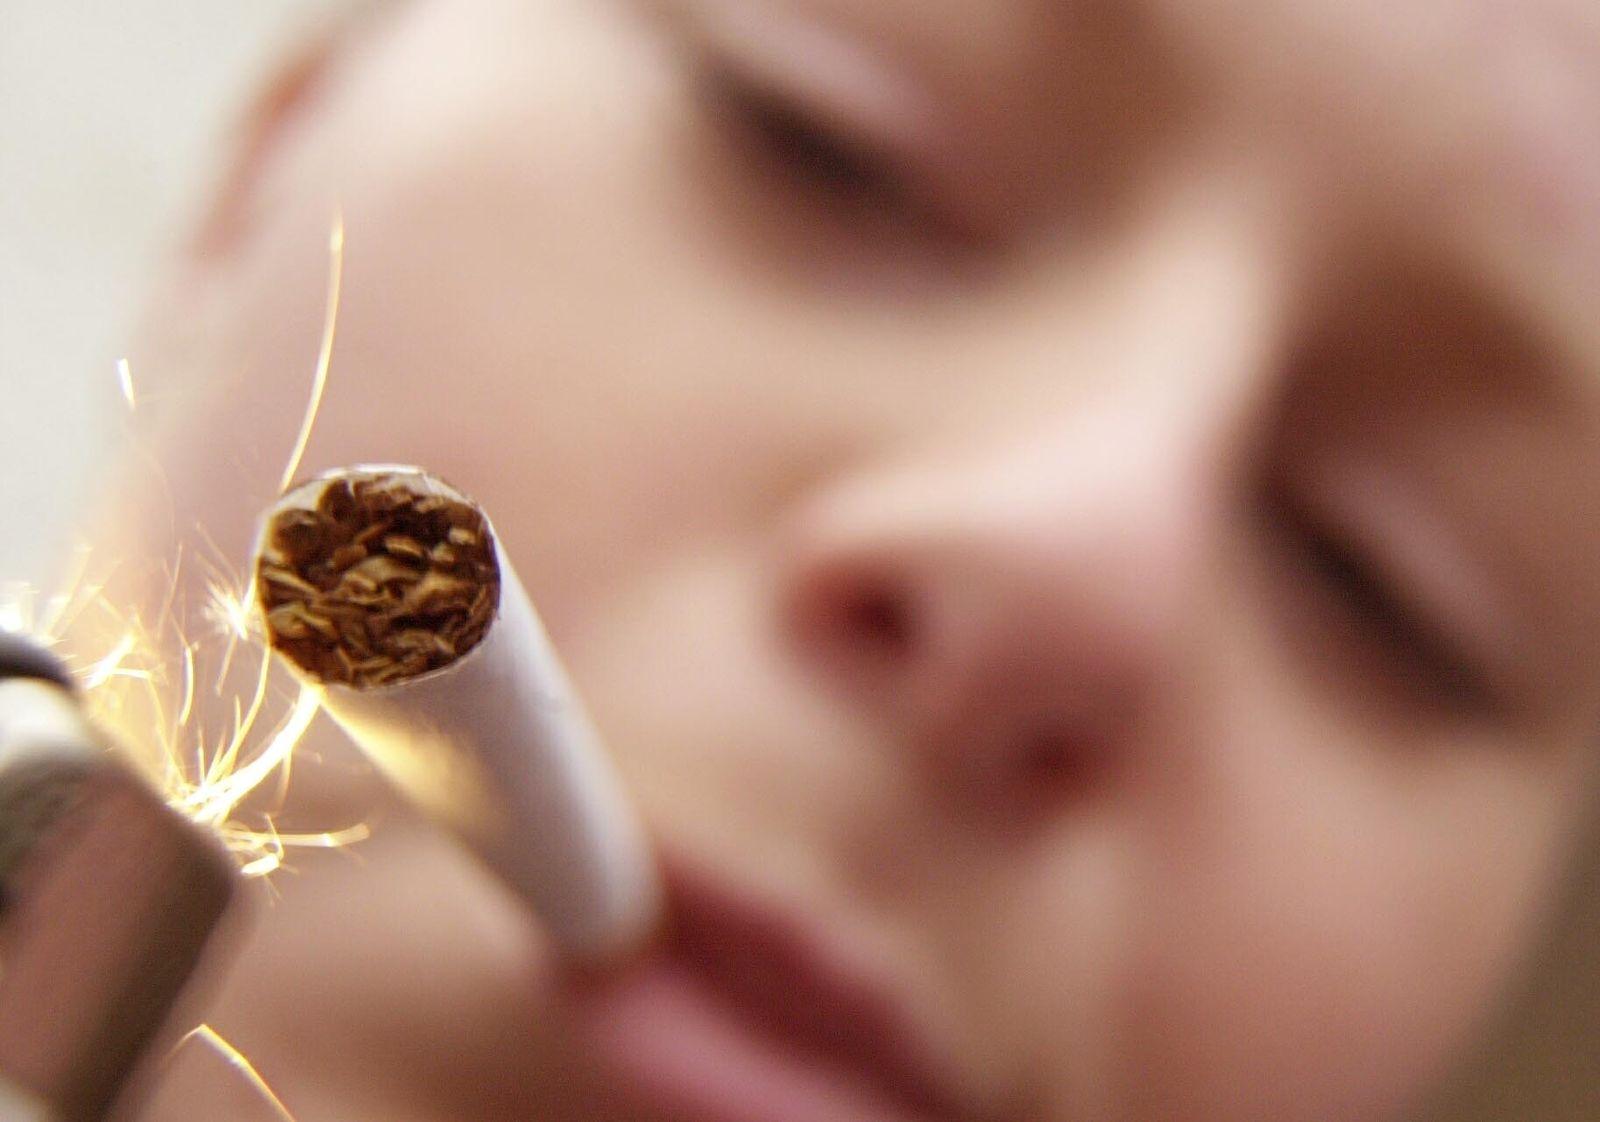 NICHT VERWENDEN Rauchen/ Jugendliche